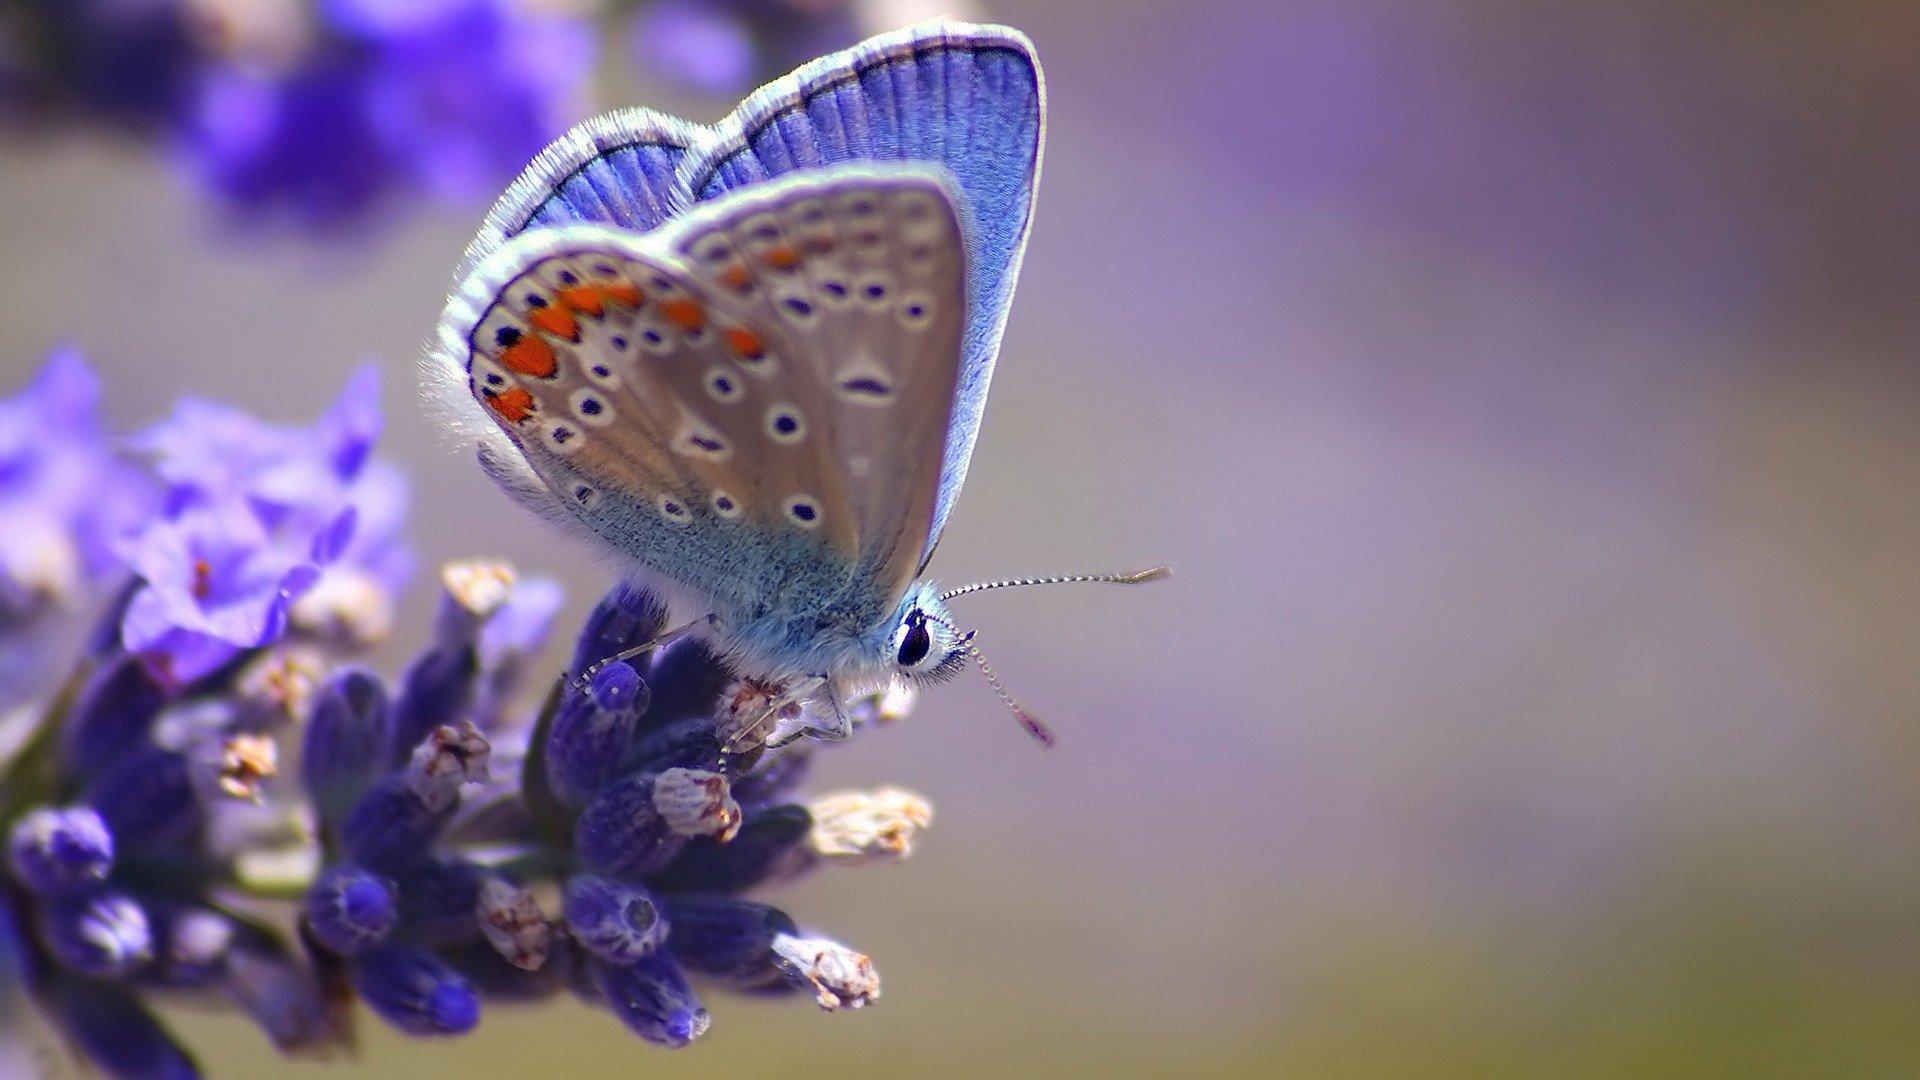 Скачать бесплатно обои бабочки на рабочий стол   подборка (5)